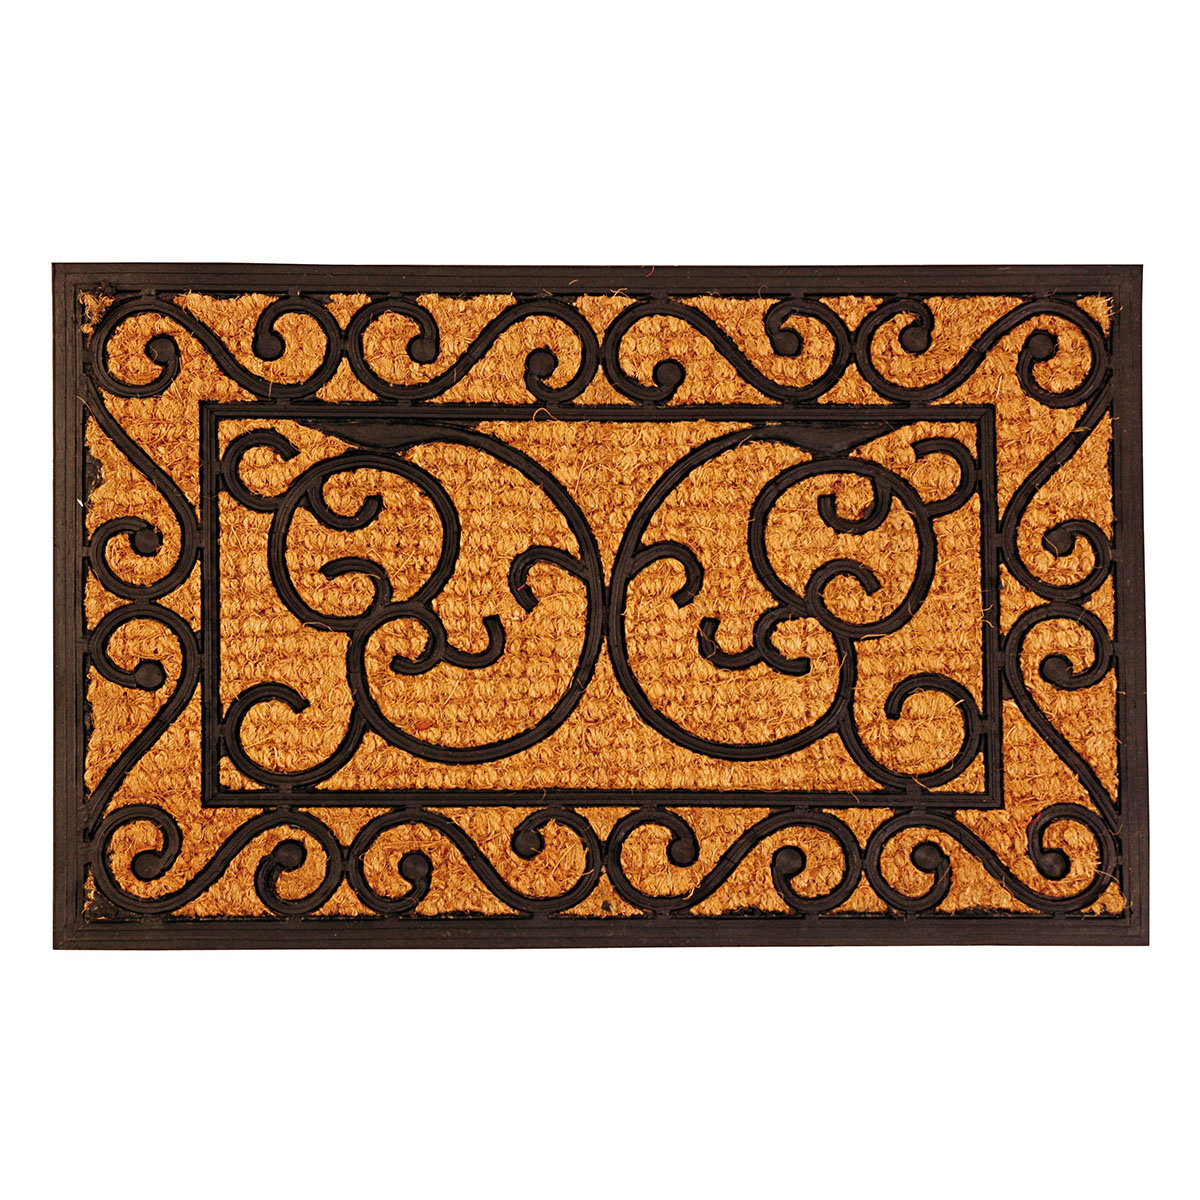 Fußmatte Winston, Gummi und Kokos, 39,5 x 59,5 cm